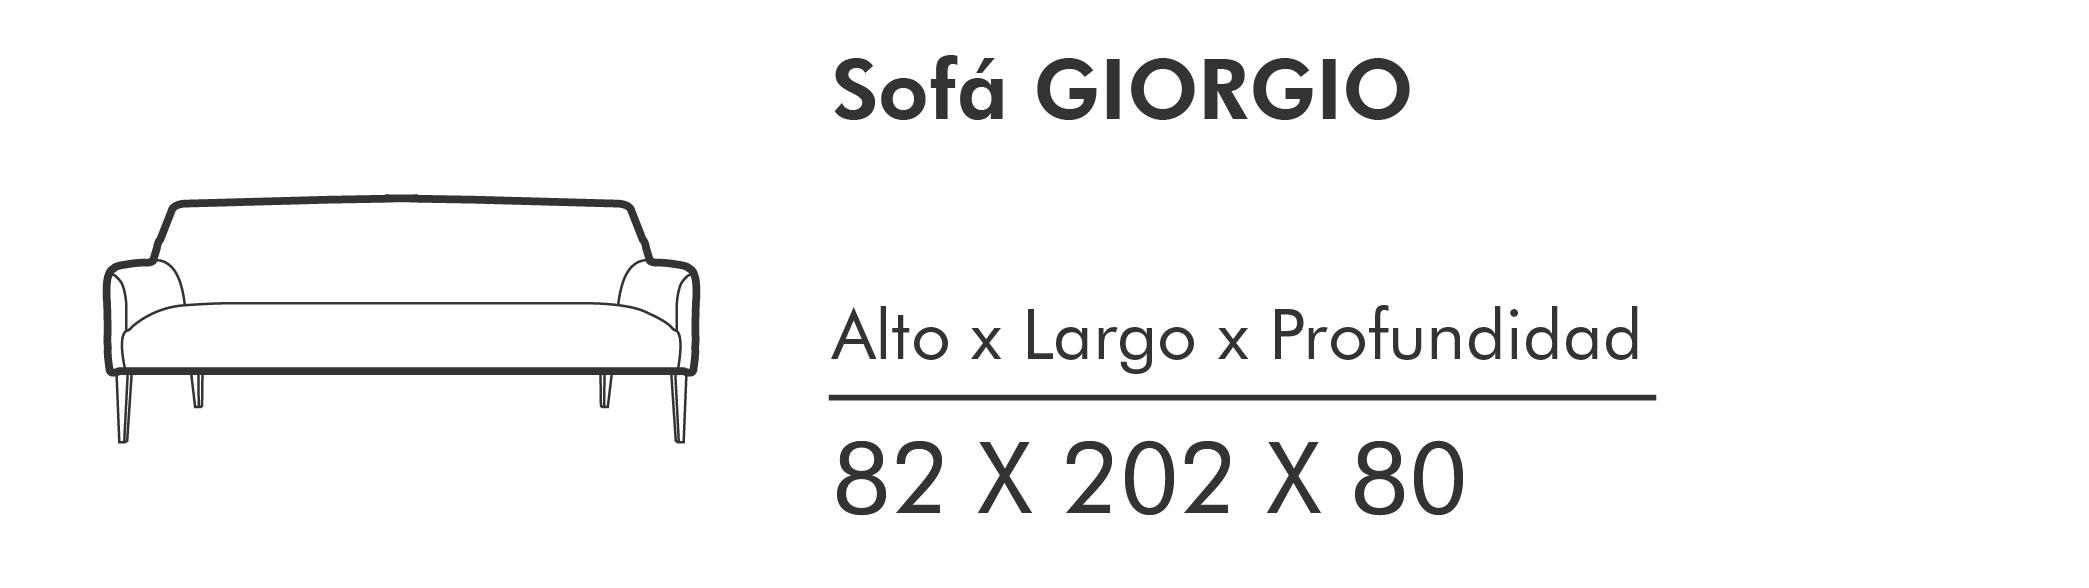 isometrico-sofa-giorgio.jpg